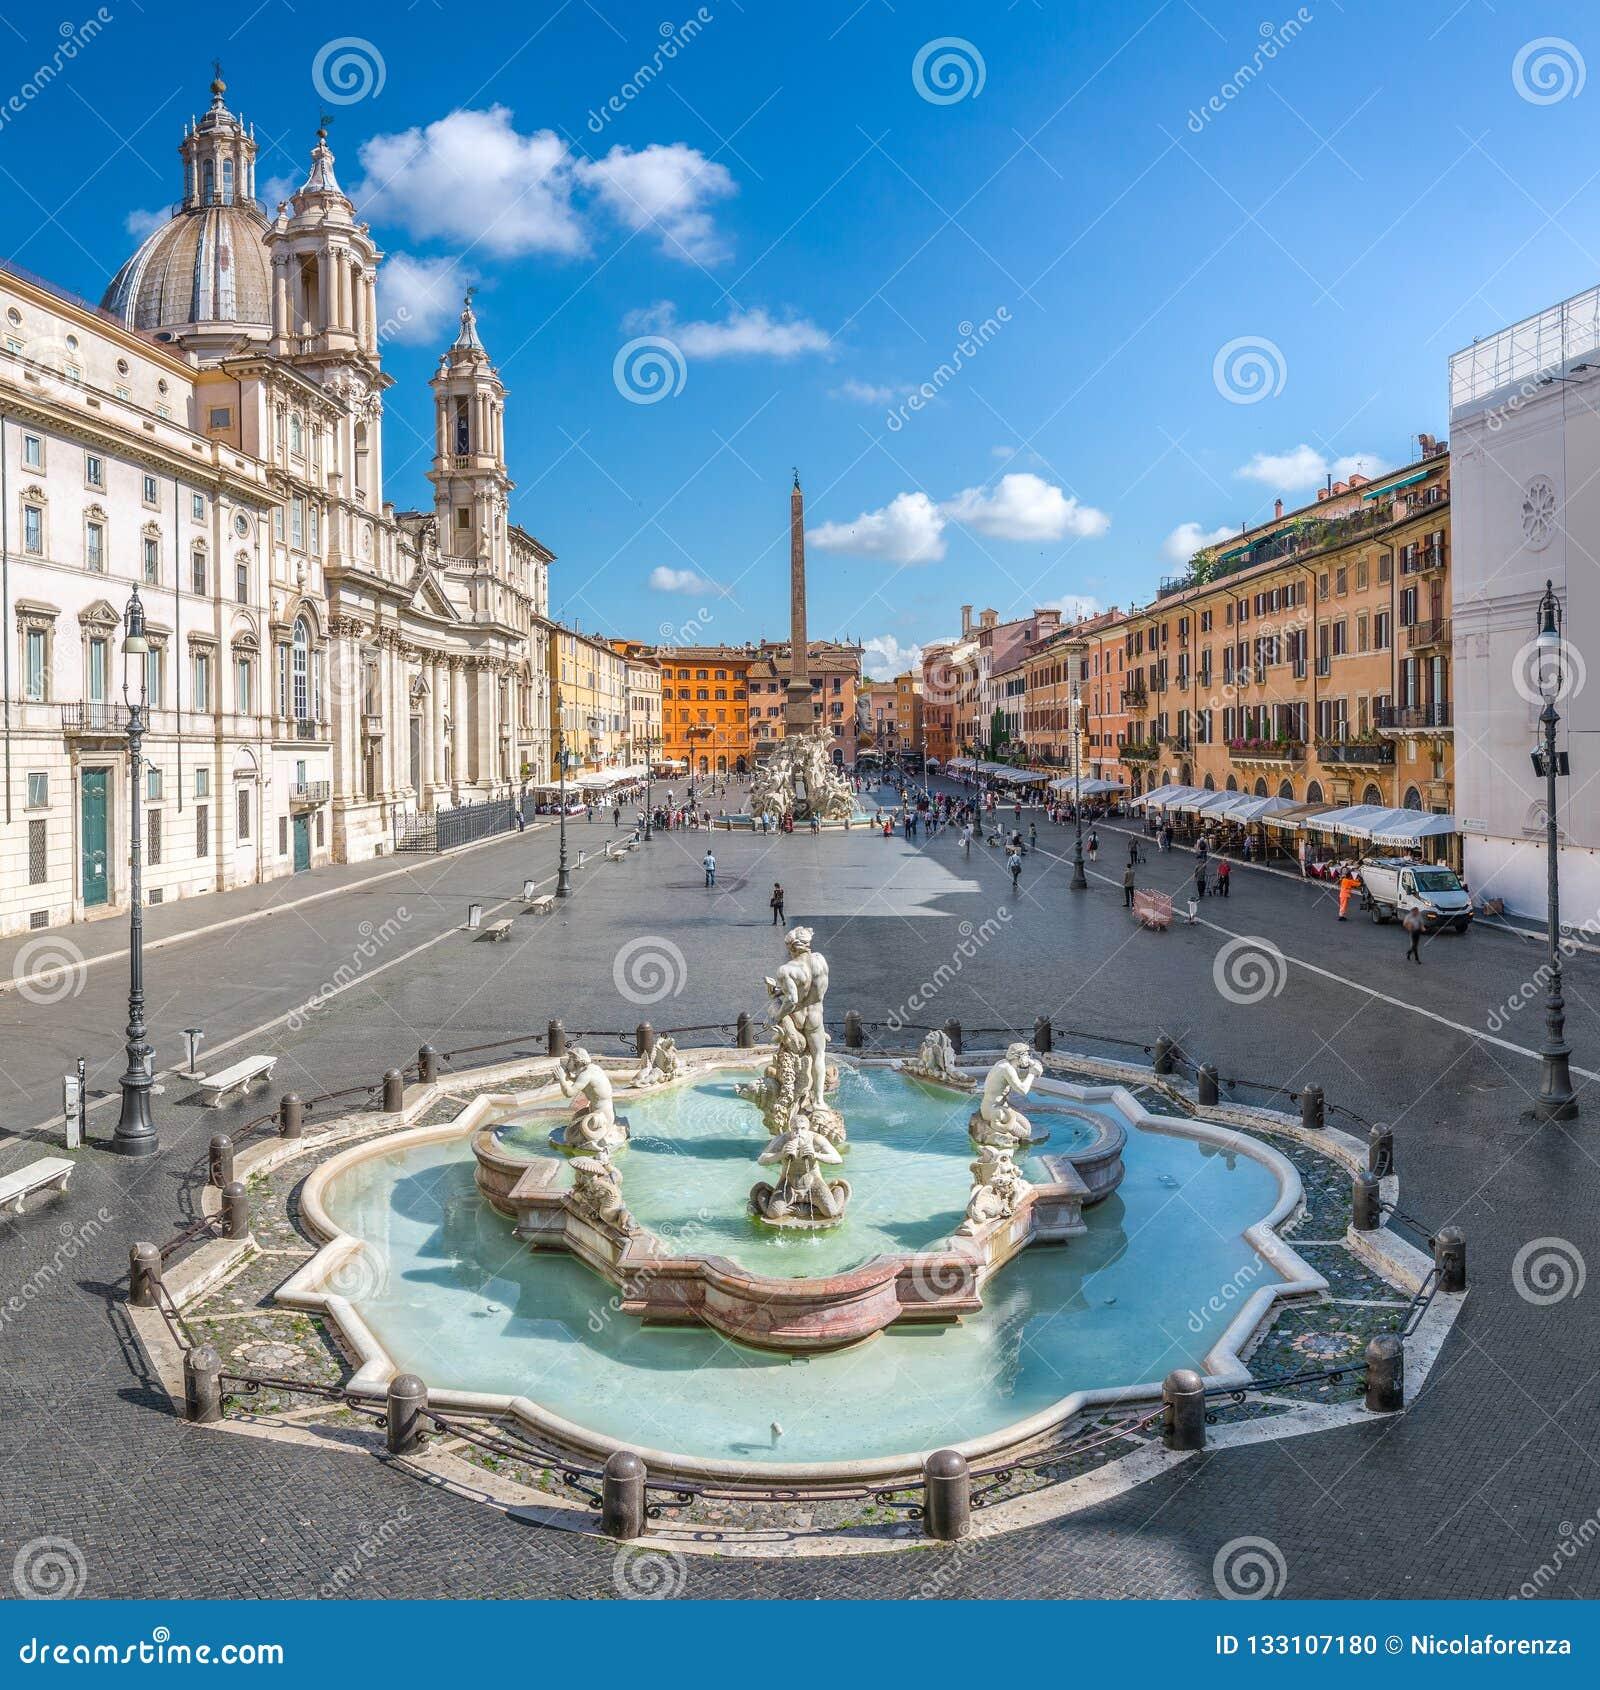 Vista aérea del cuadrado de Navona, plaza Navona, en Roma, Italia